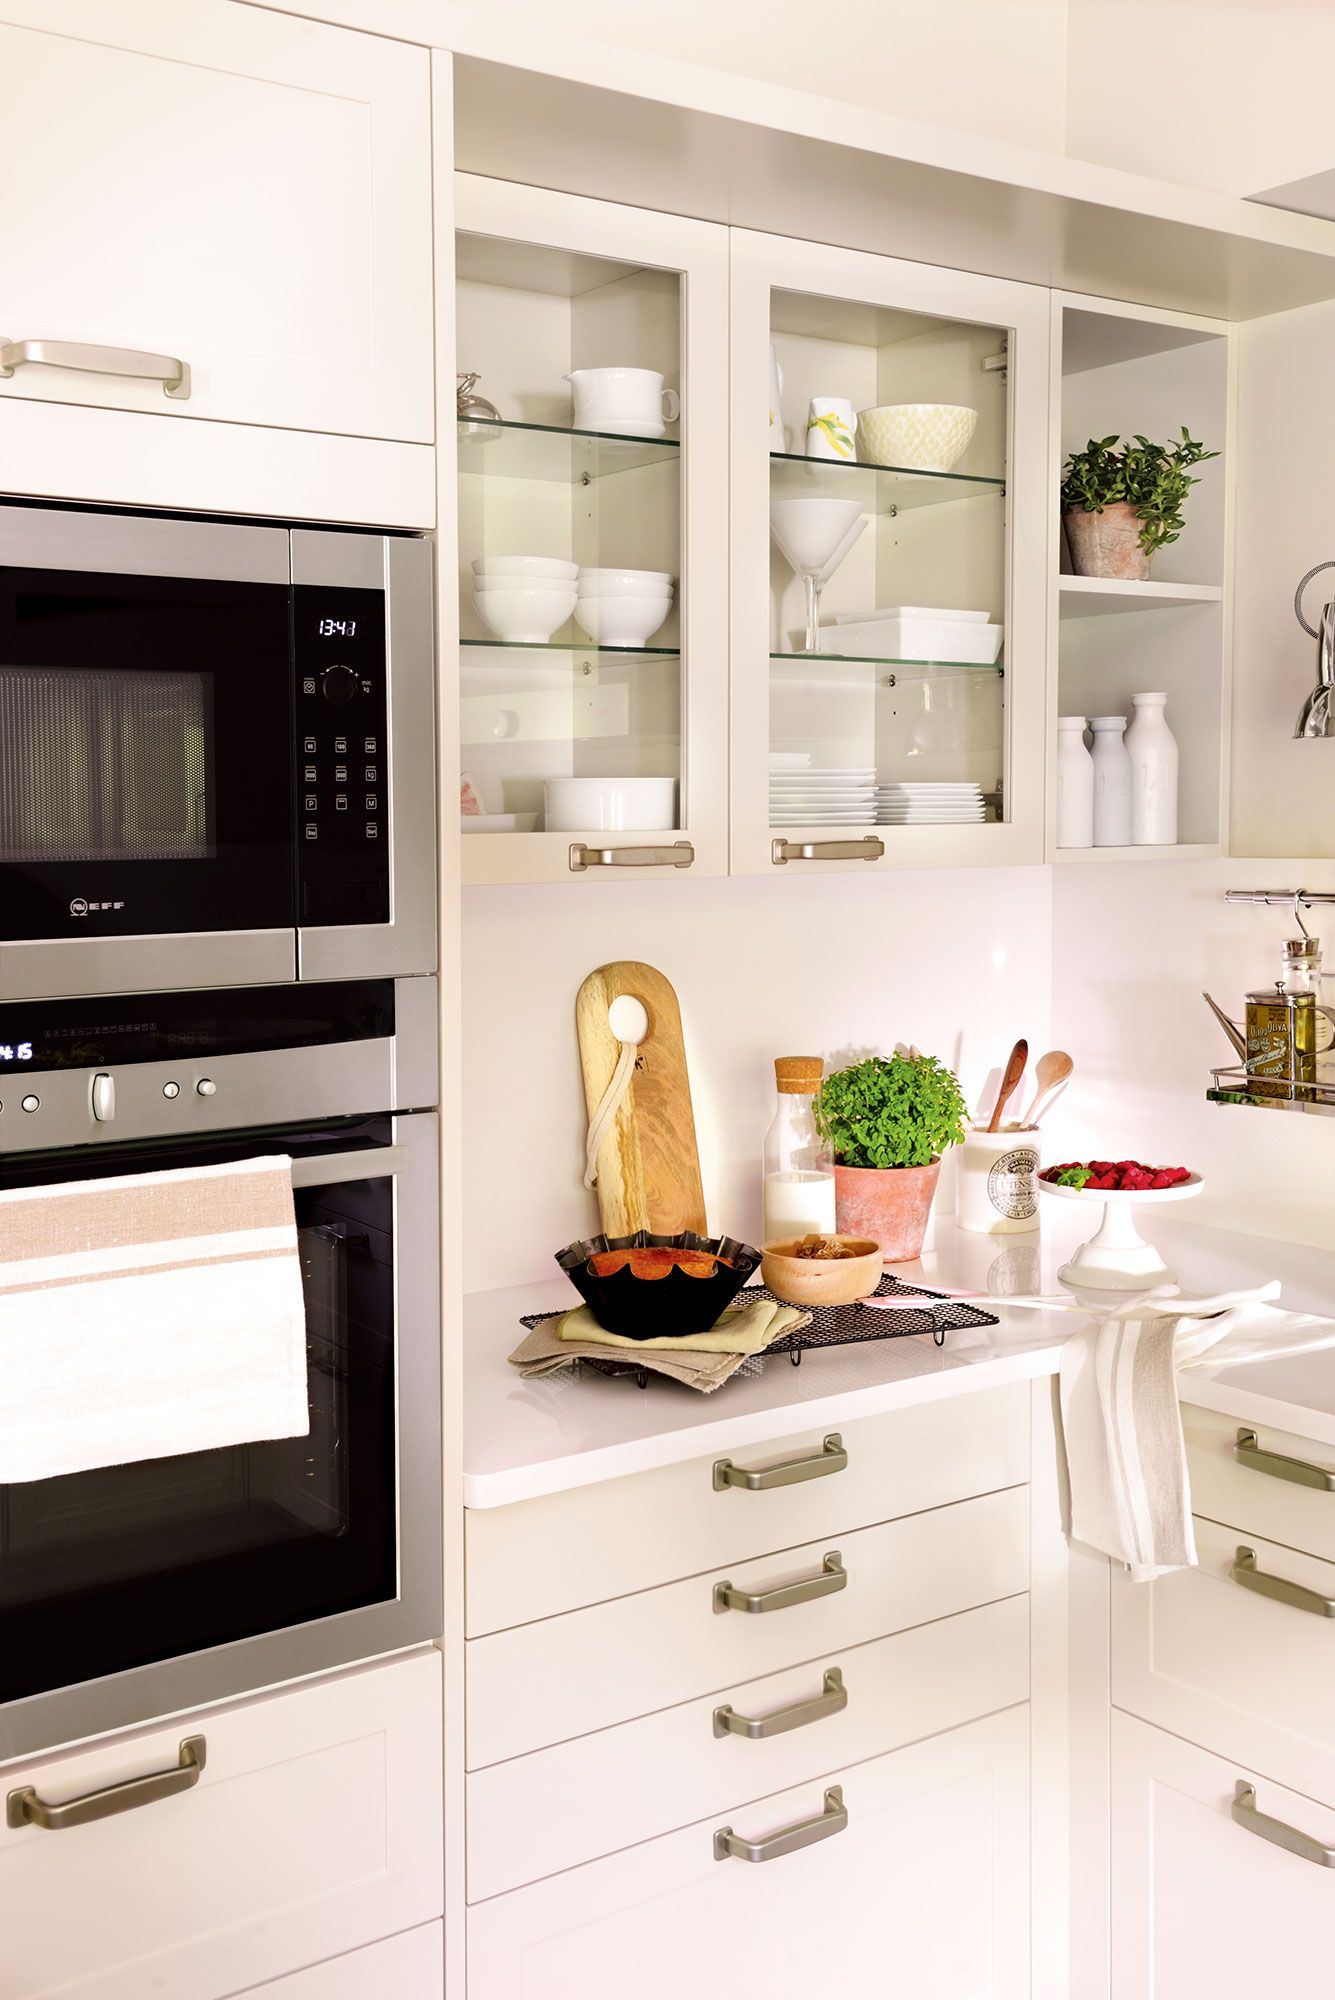 Semitoma Cocina Con Muebles En Blanco Cajones Vitrinas Y Horno Y  ~ Microondas Con Campana Extractora